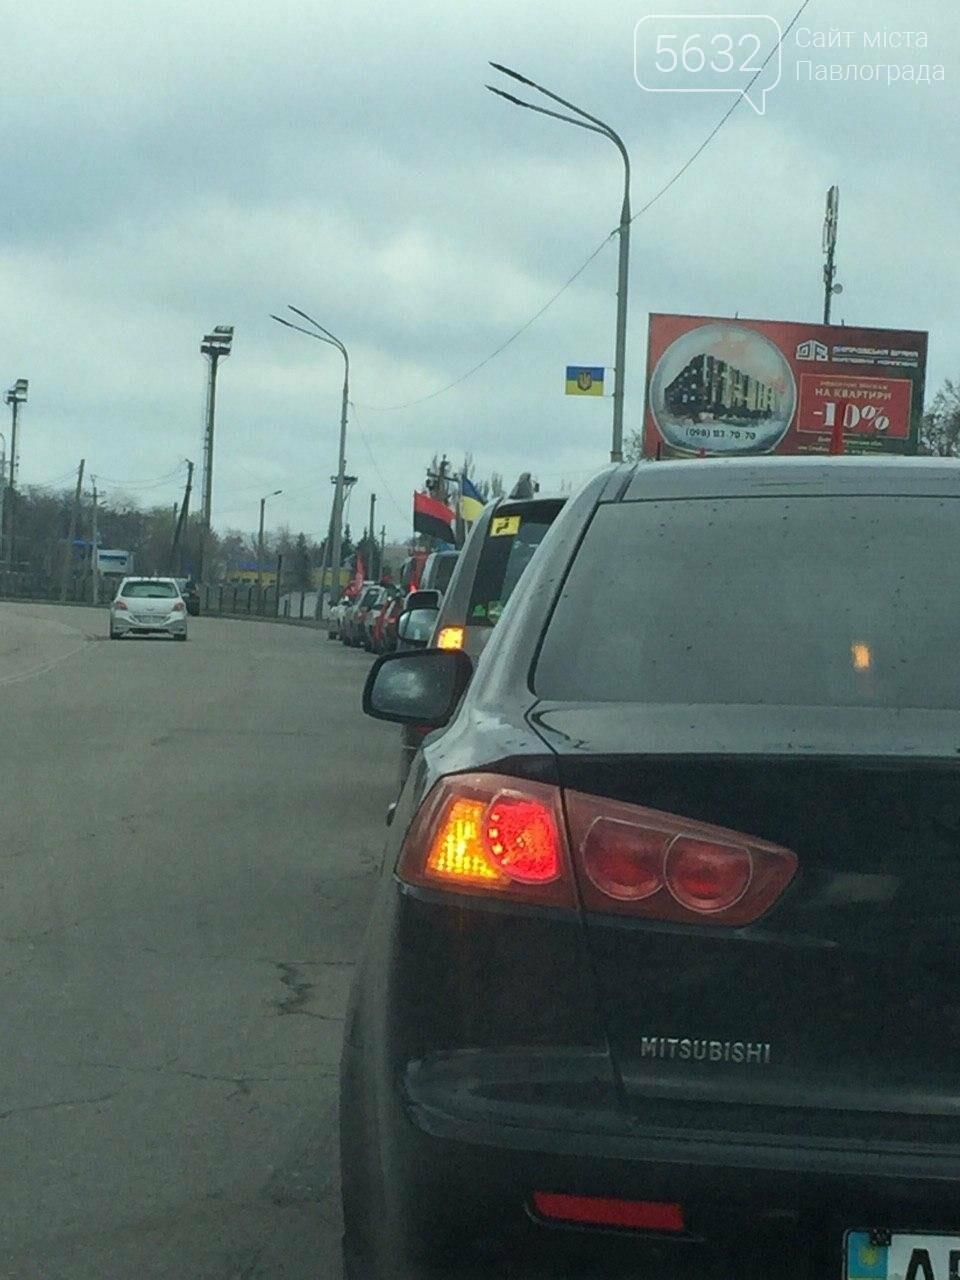 В День украинского добровольца павлоградцы устроили автопробег (ФОТОРЕПОРТАЖ), фото-5